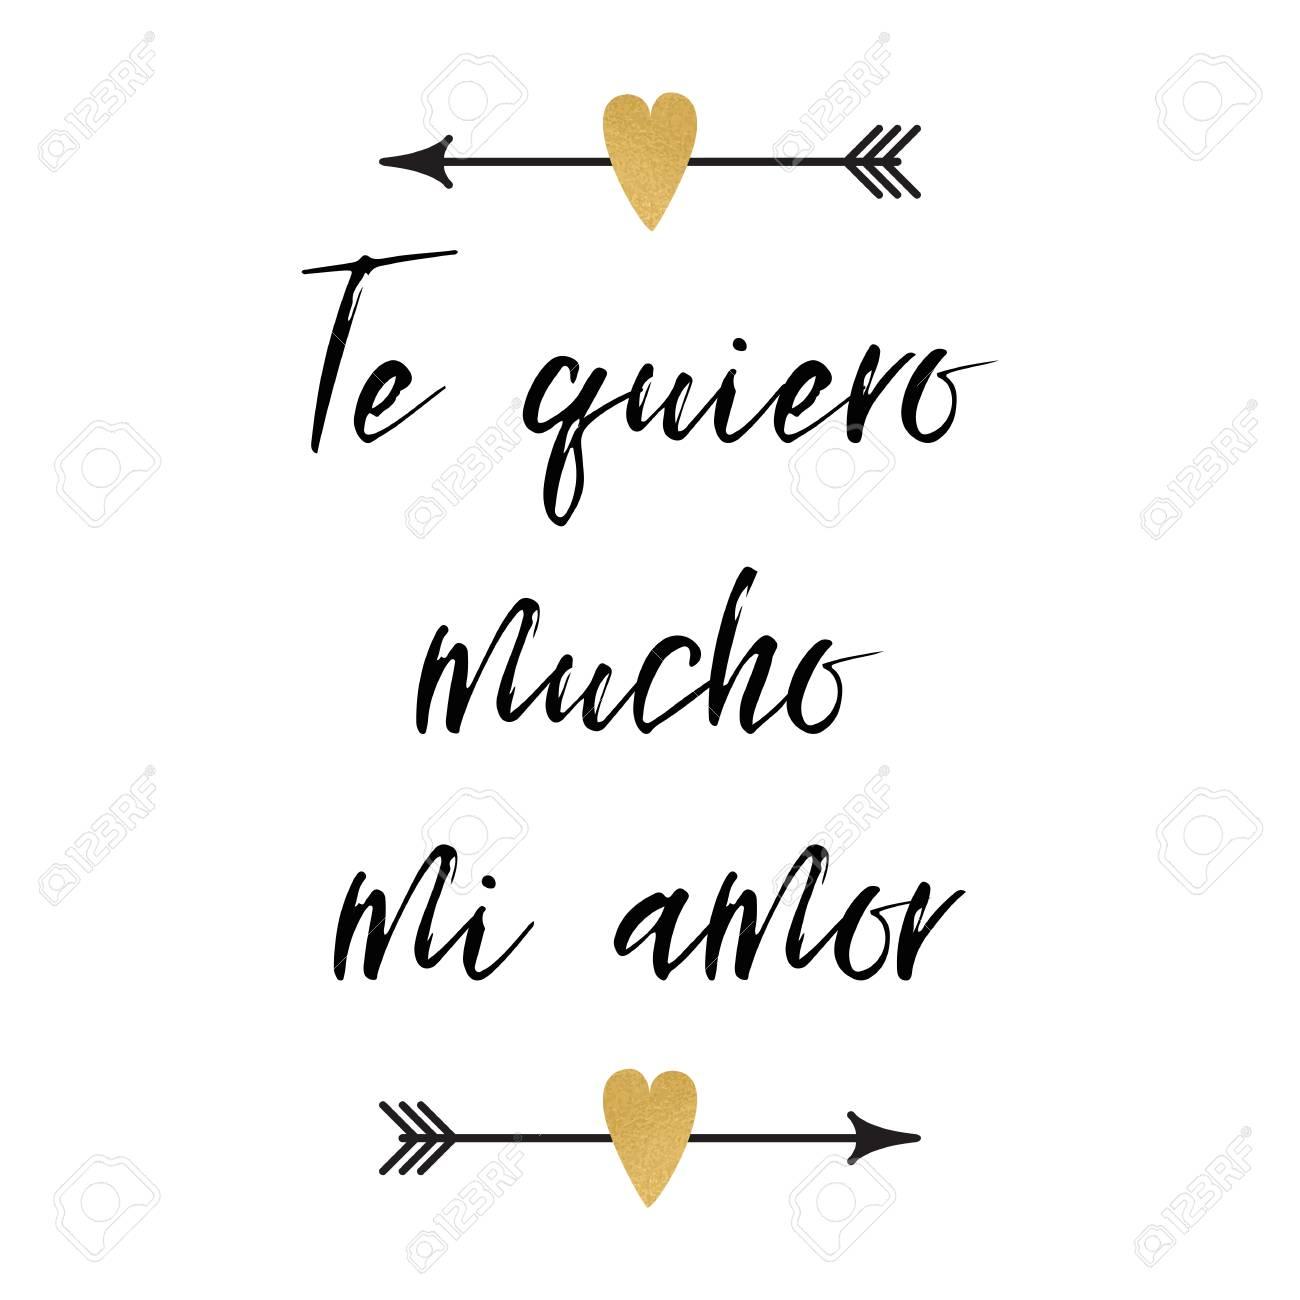 Cartão De Dia Dos Namorados Com Frase Positiva Decorado Logotipo De Corações Setas Abstratas Sinal Impressão De Título Em Espanhol